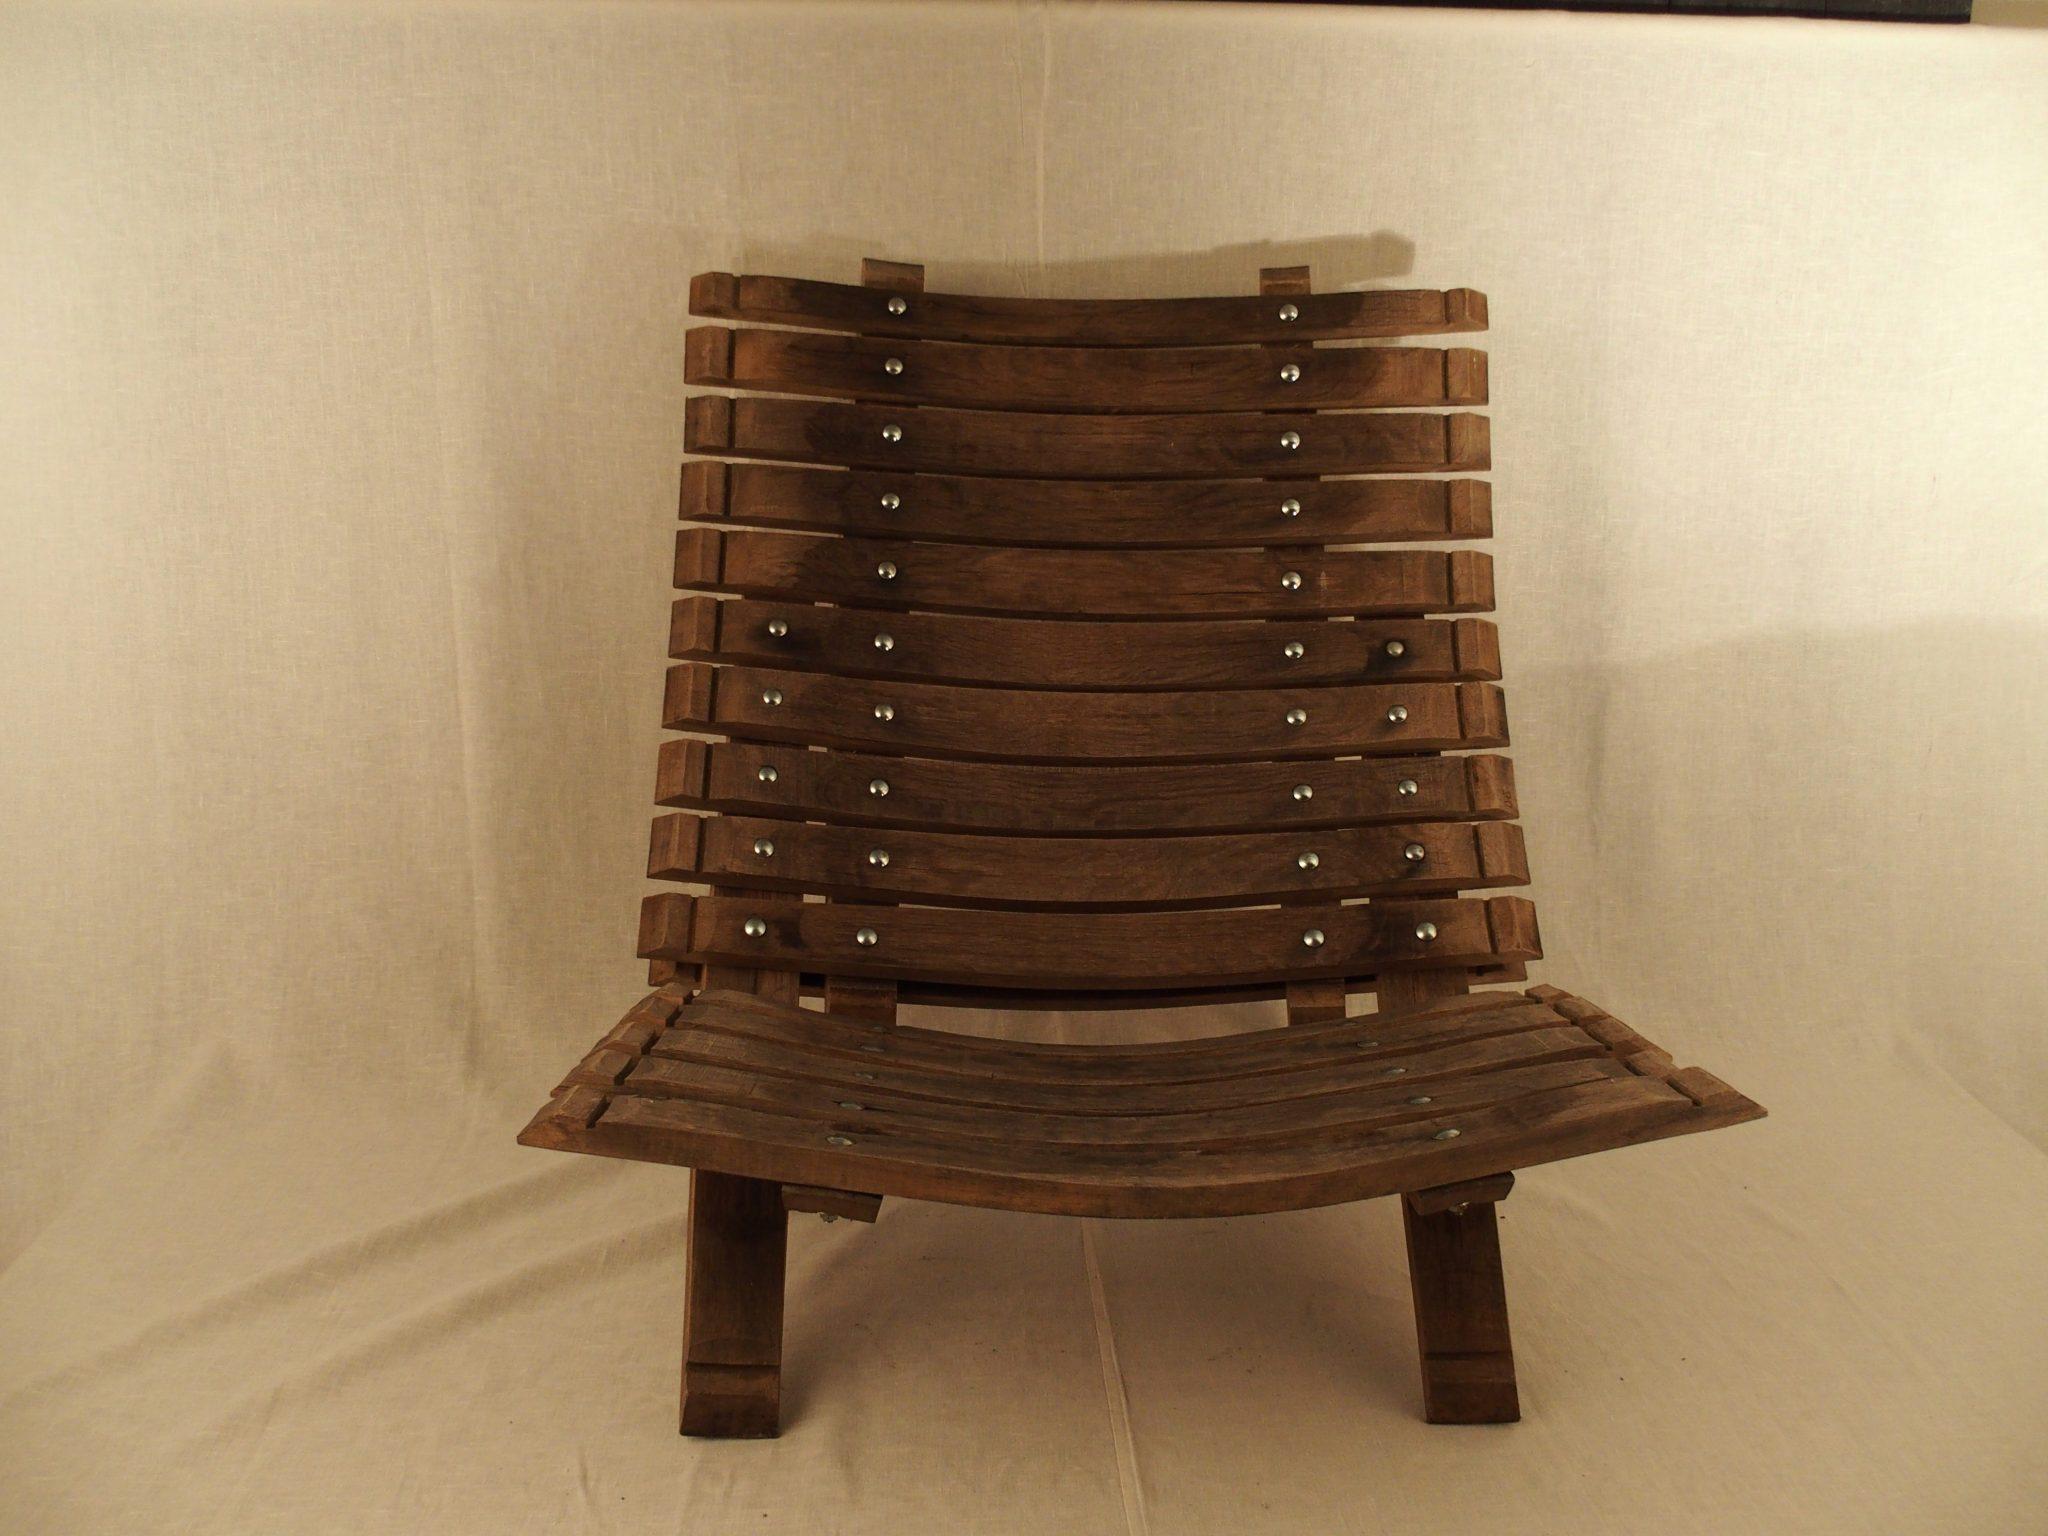 Lounge chair van duigen